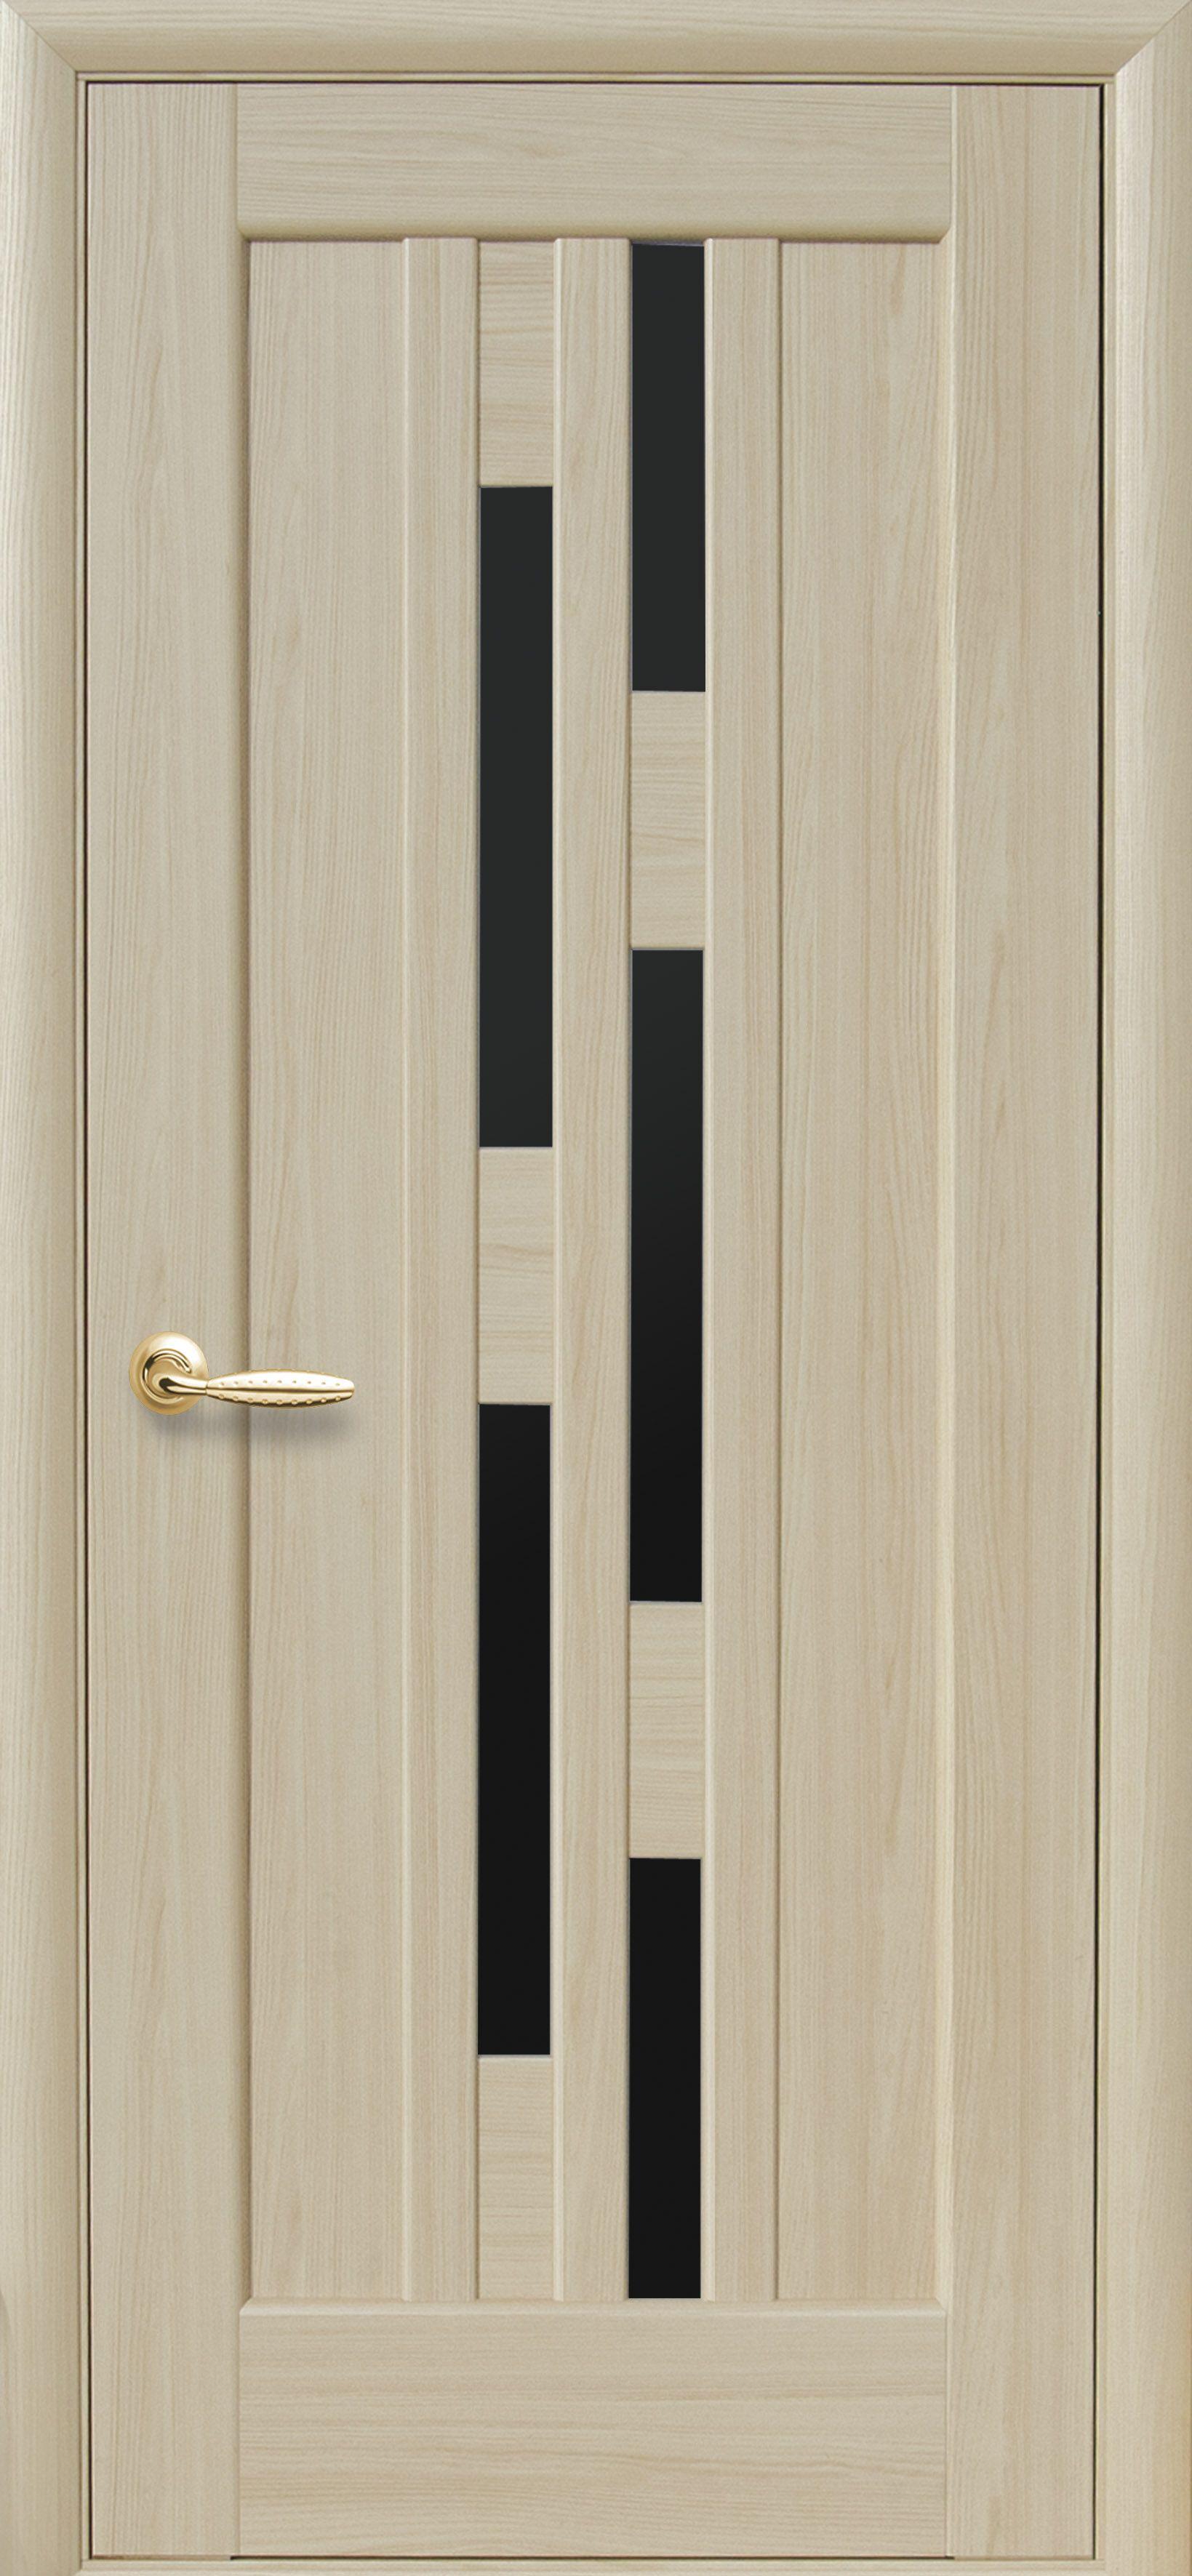 Межкомнатные двери Лаура с черным стеклом